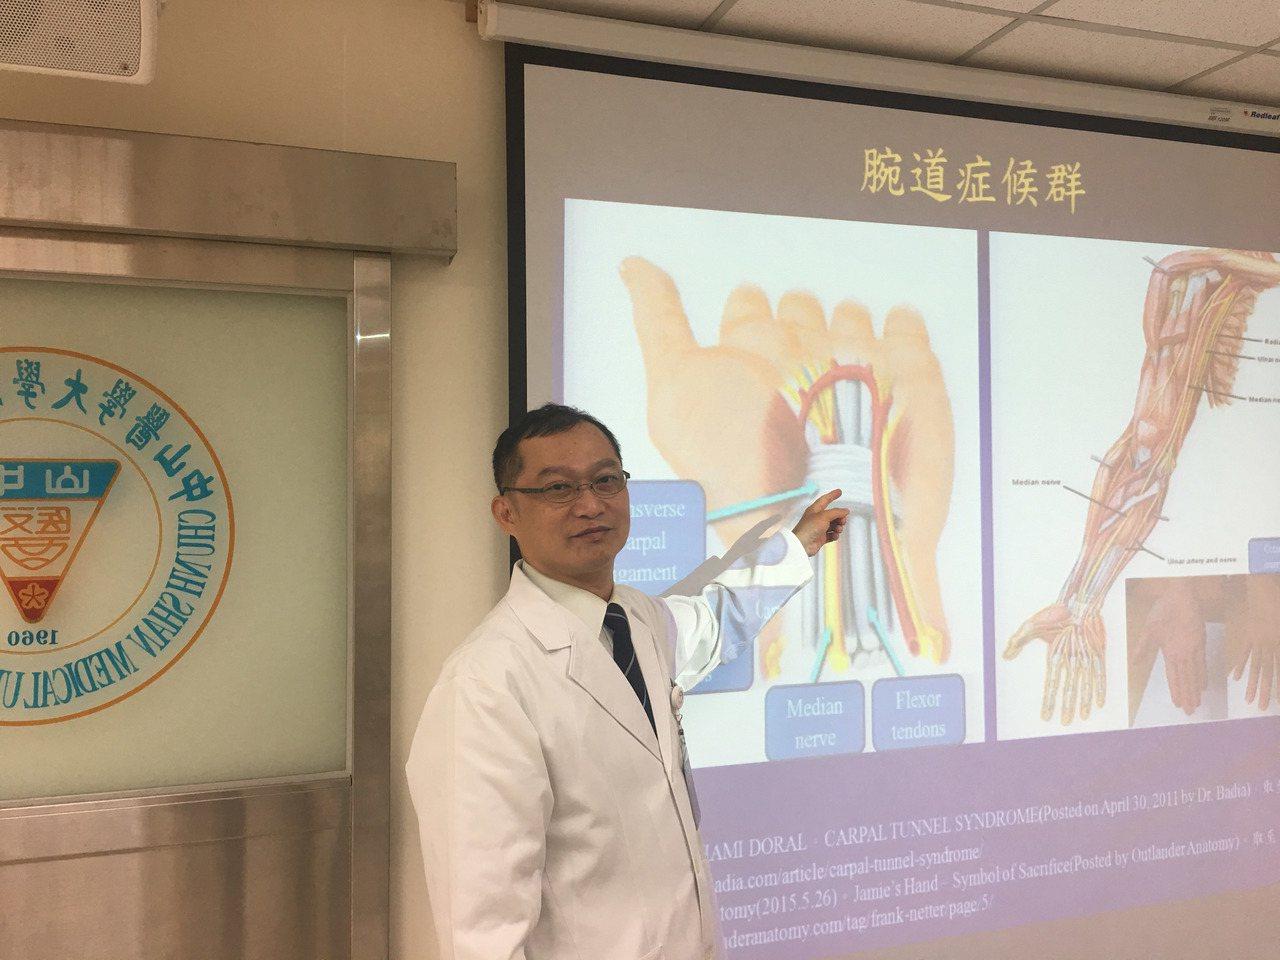 中山醫學大學附設醫院職醫科主任陳俊傑24日在記者會中說明腕隧道症候群的症狀,由於...